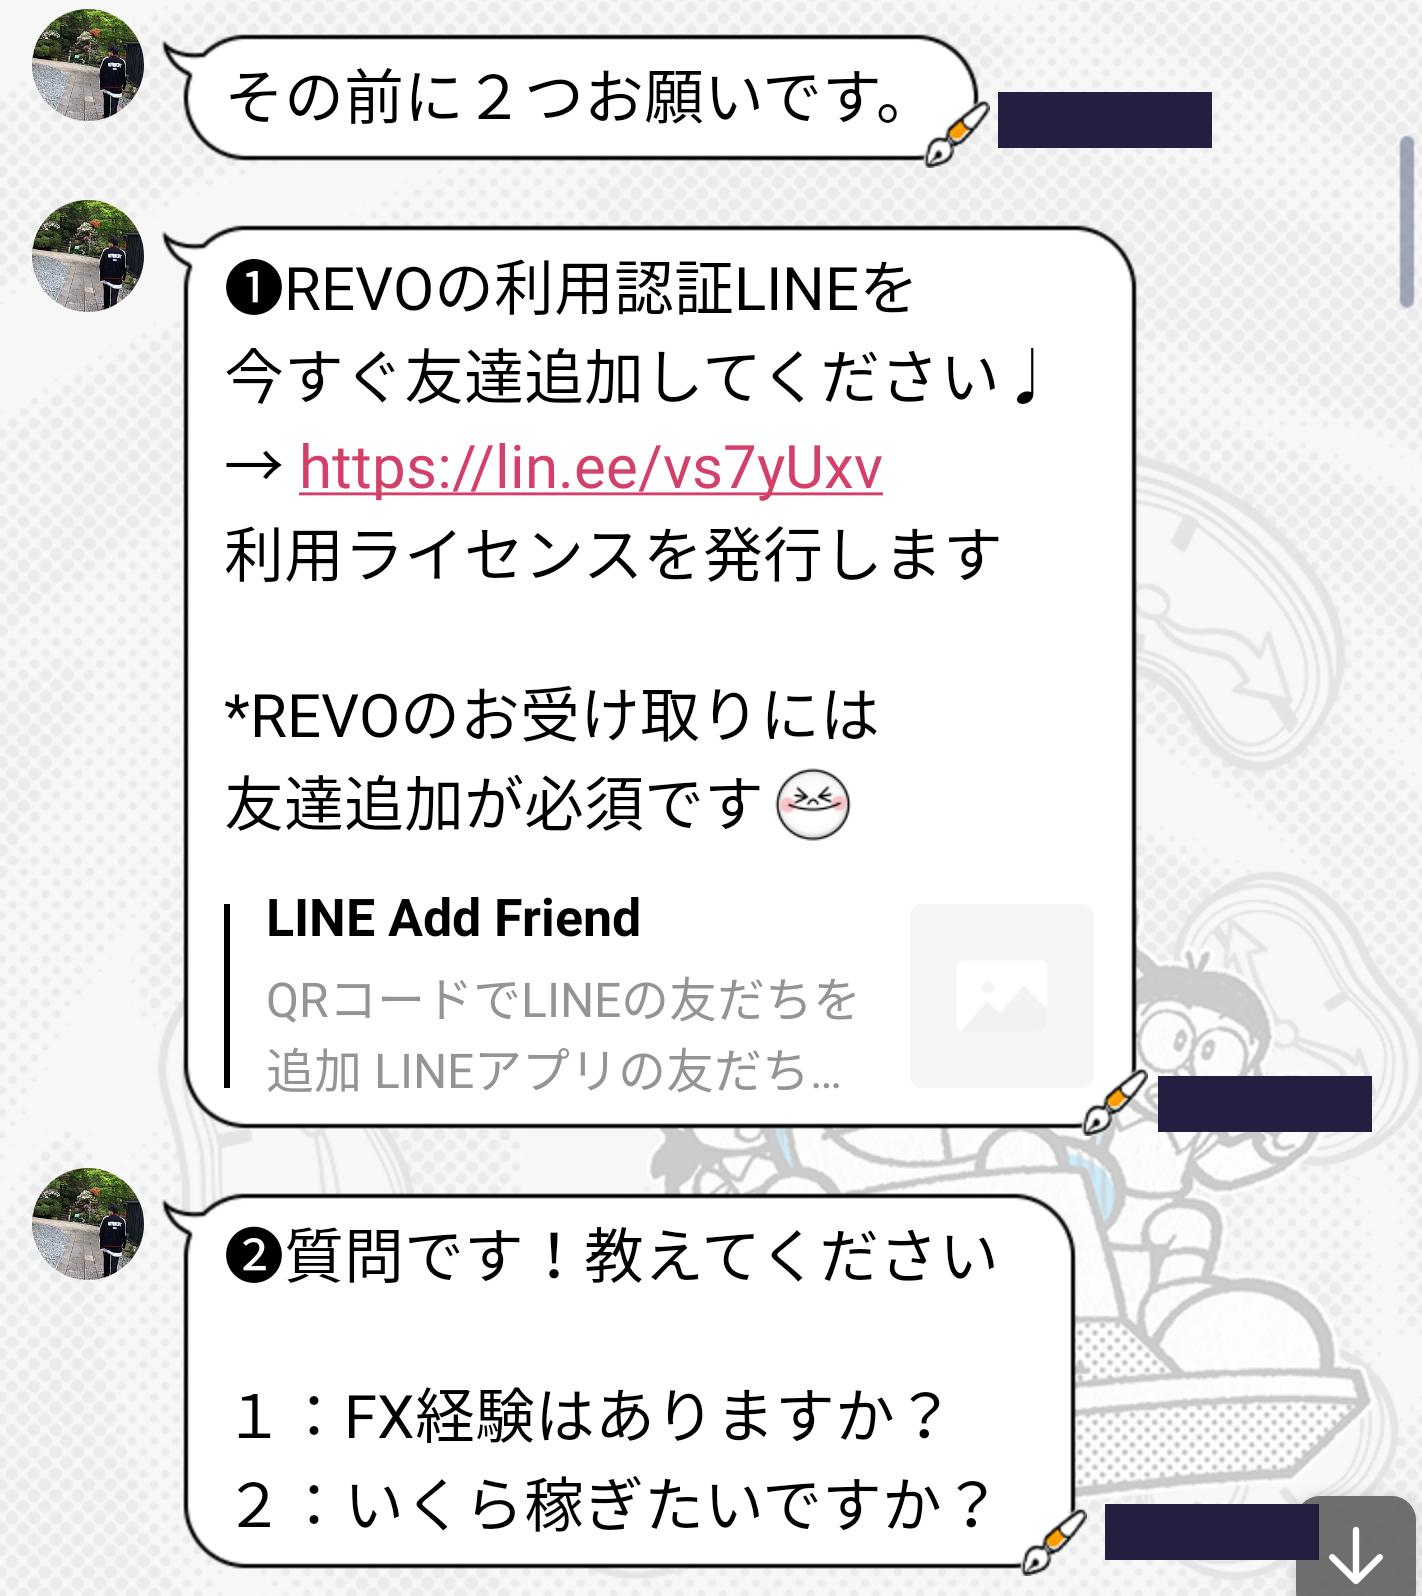 【REVO】FXの副業詐欺の危険|自動売買で日給1万円の罠